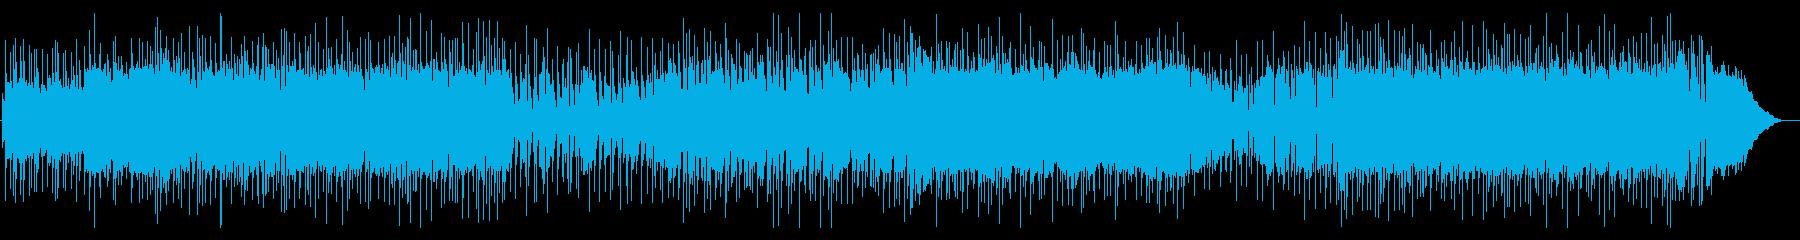 60'S オールドロックバンドサウンドの再生済みの波形